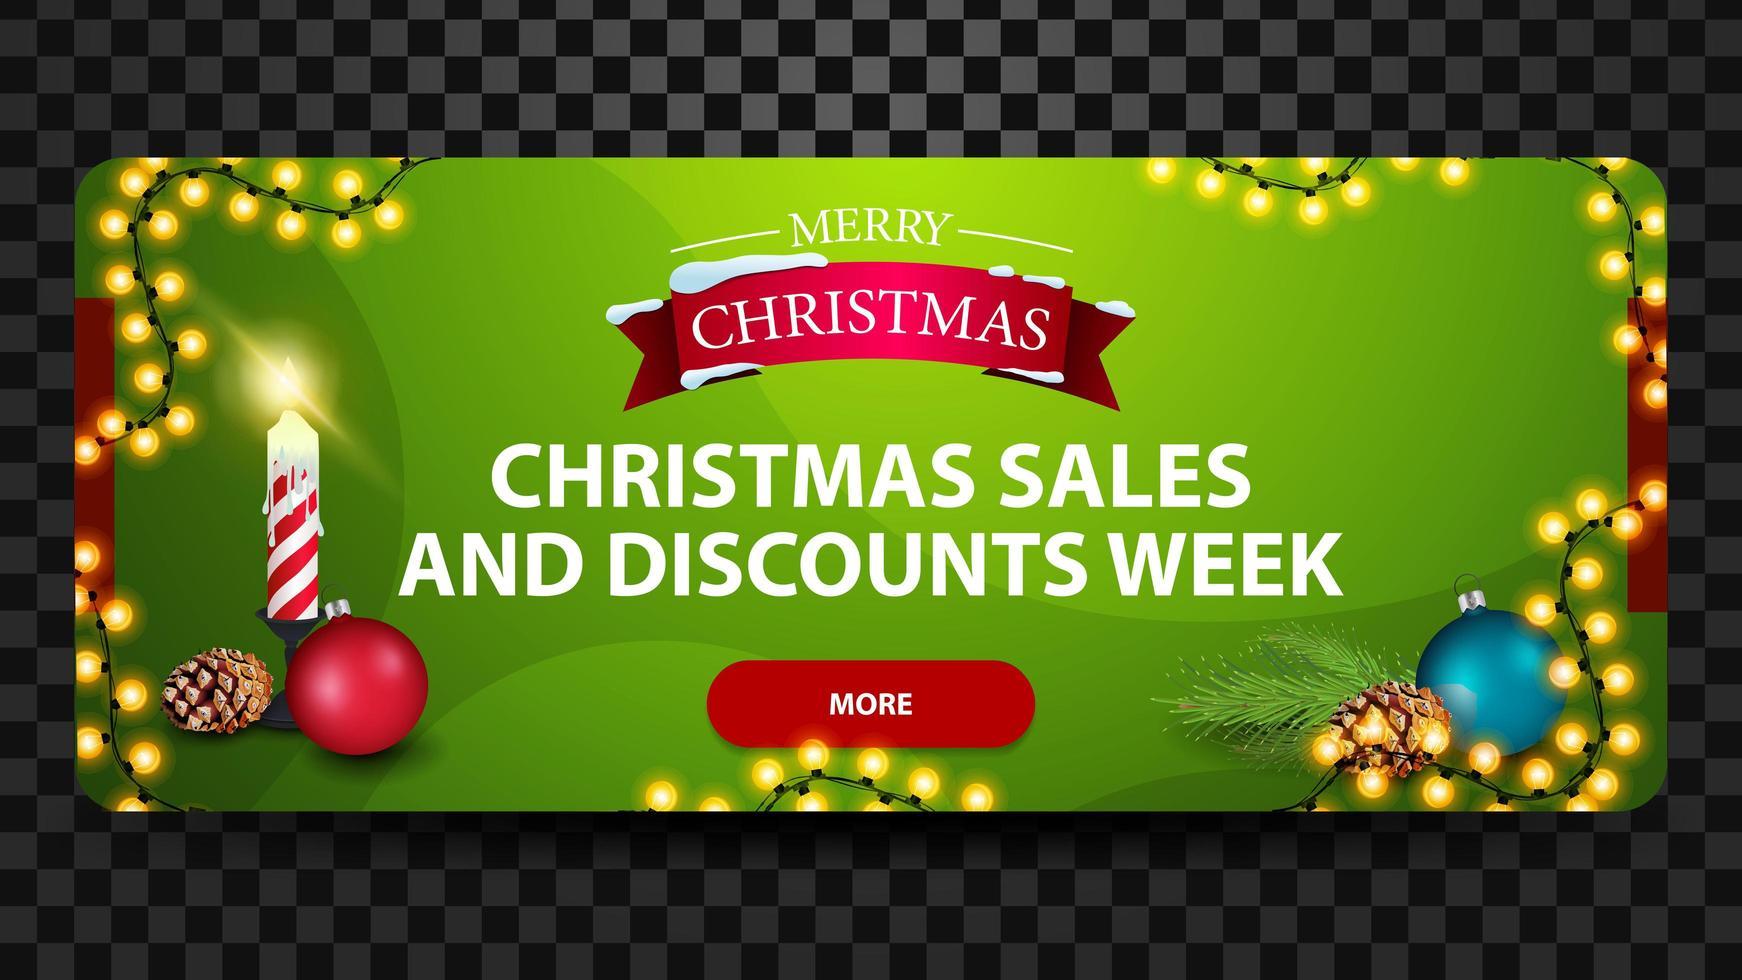 Weihnachtsverkauf und Rabattwoche, grünes helles horizontales modernes Web-Banner mit Knopf, Weihnachtskerze, Weihnachtsball und Kegel vektor